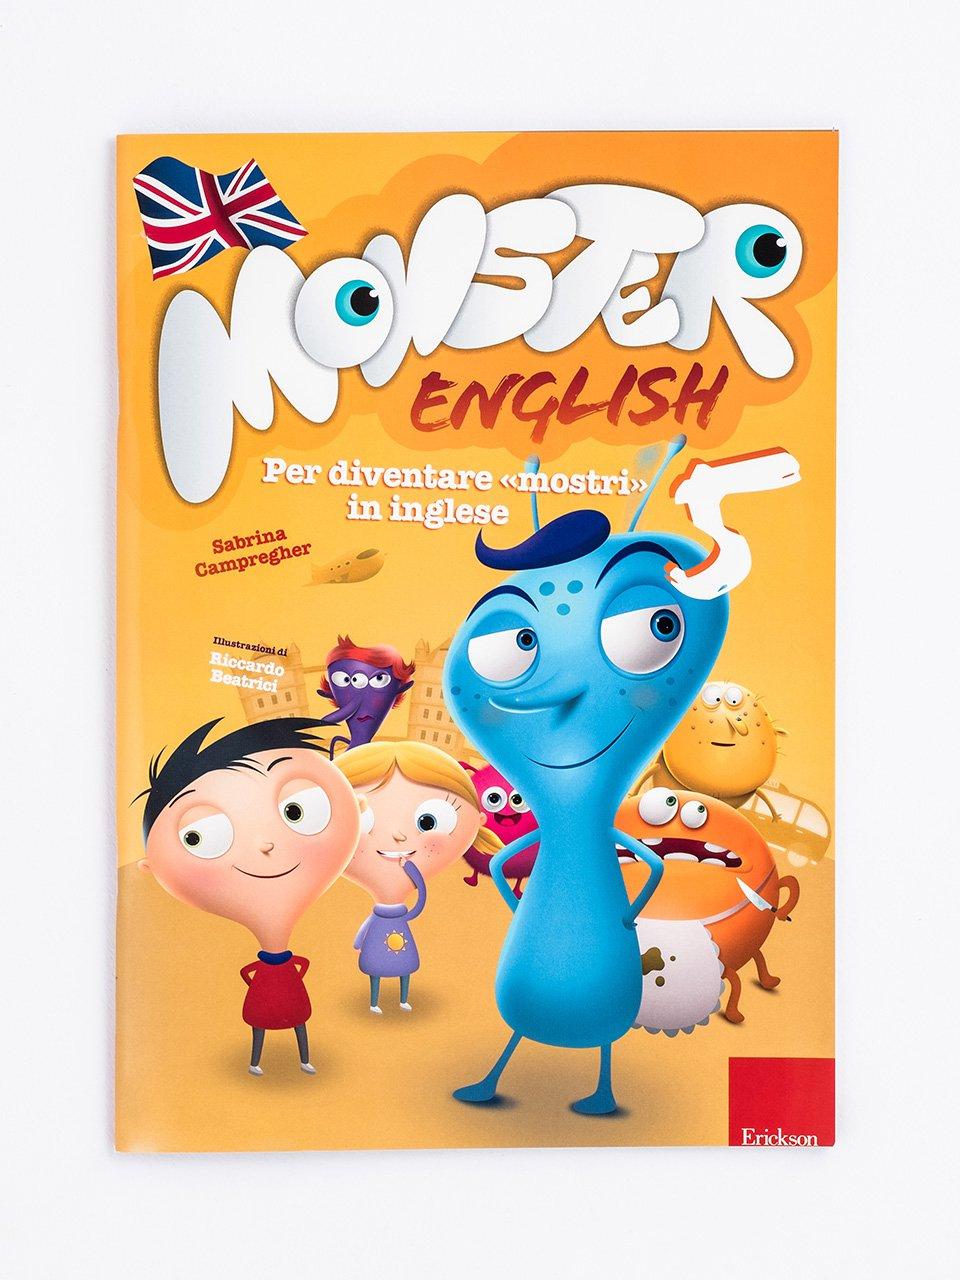 Monster English 5 - Le proposte Erickson per i compiti-delle-vacanze - Erickson